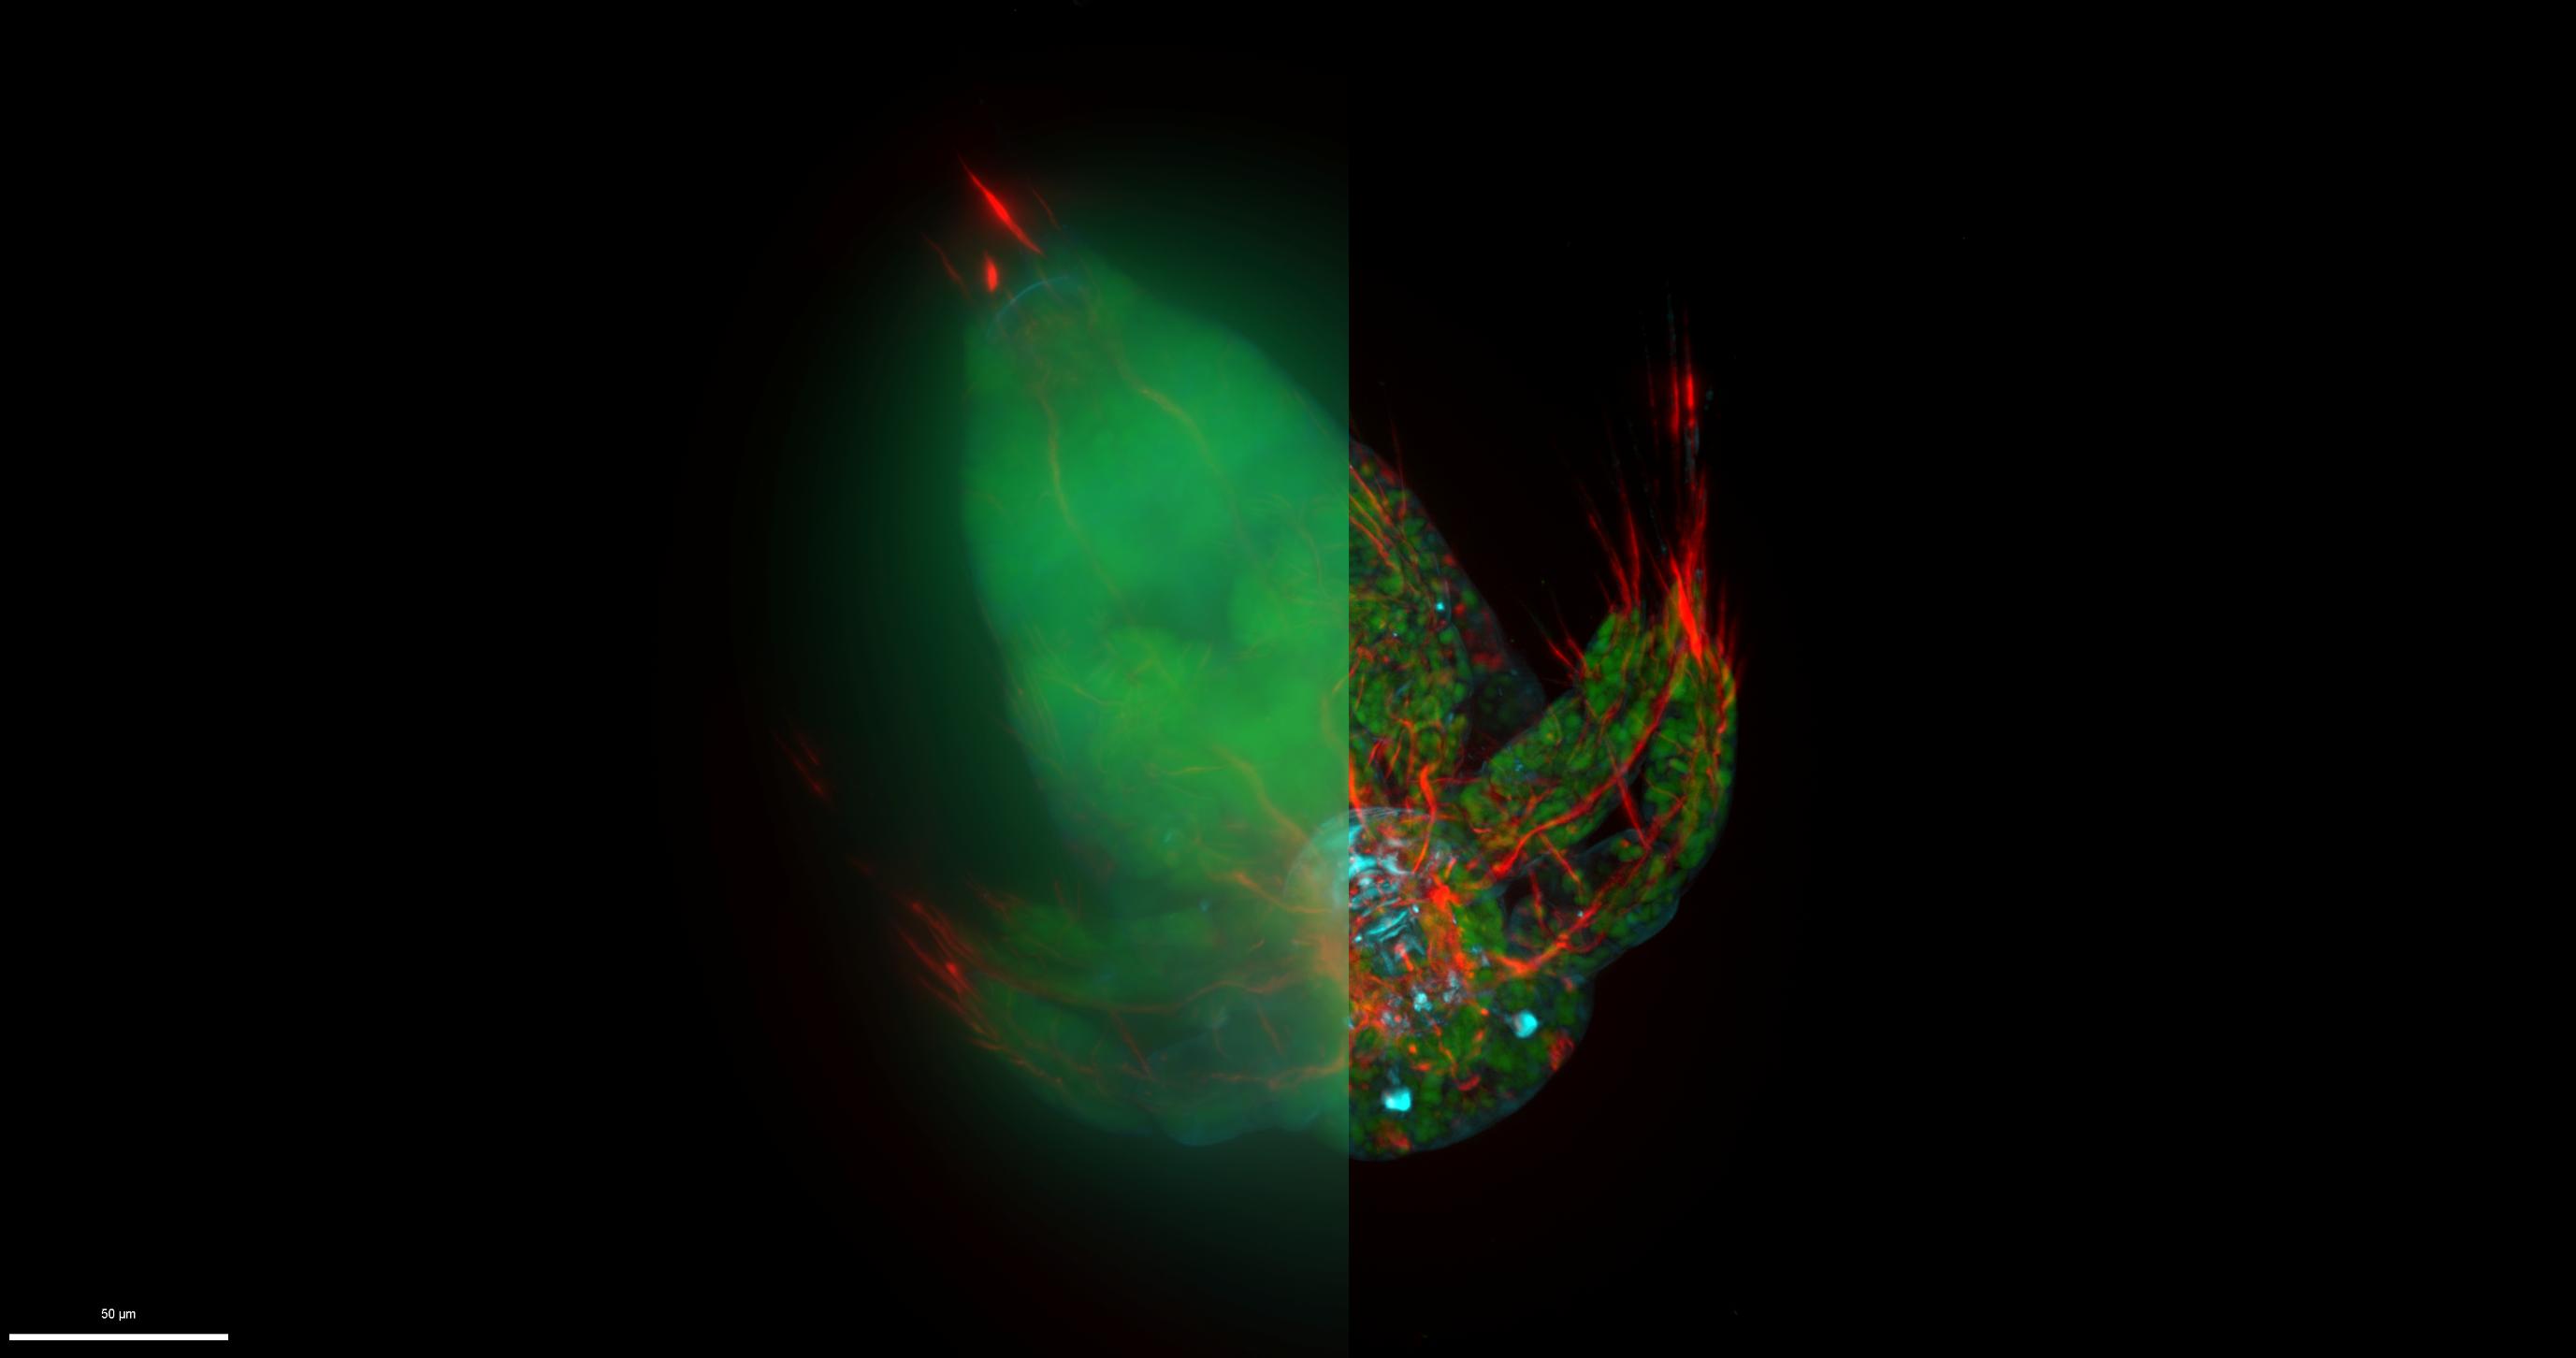 Nové mikroskopické systémy Leica THUNDER mění svět widefield mikroskopie